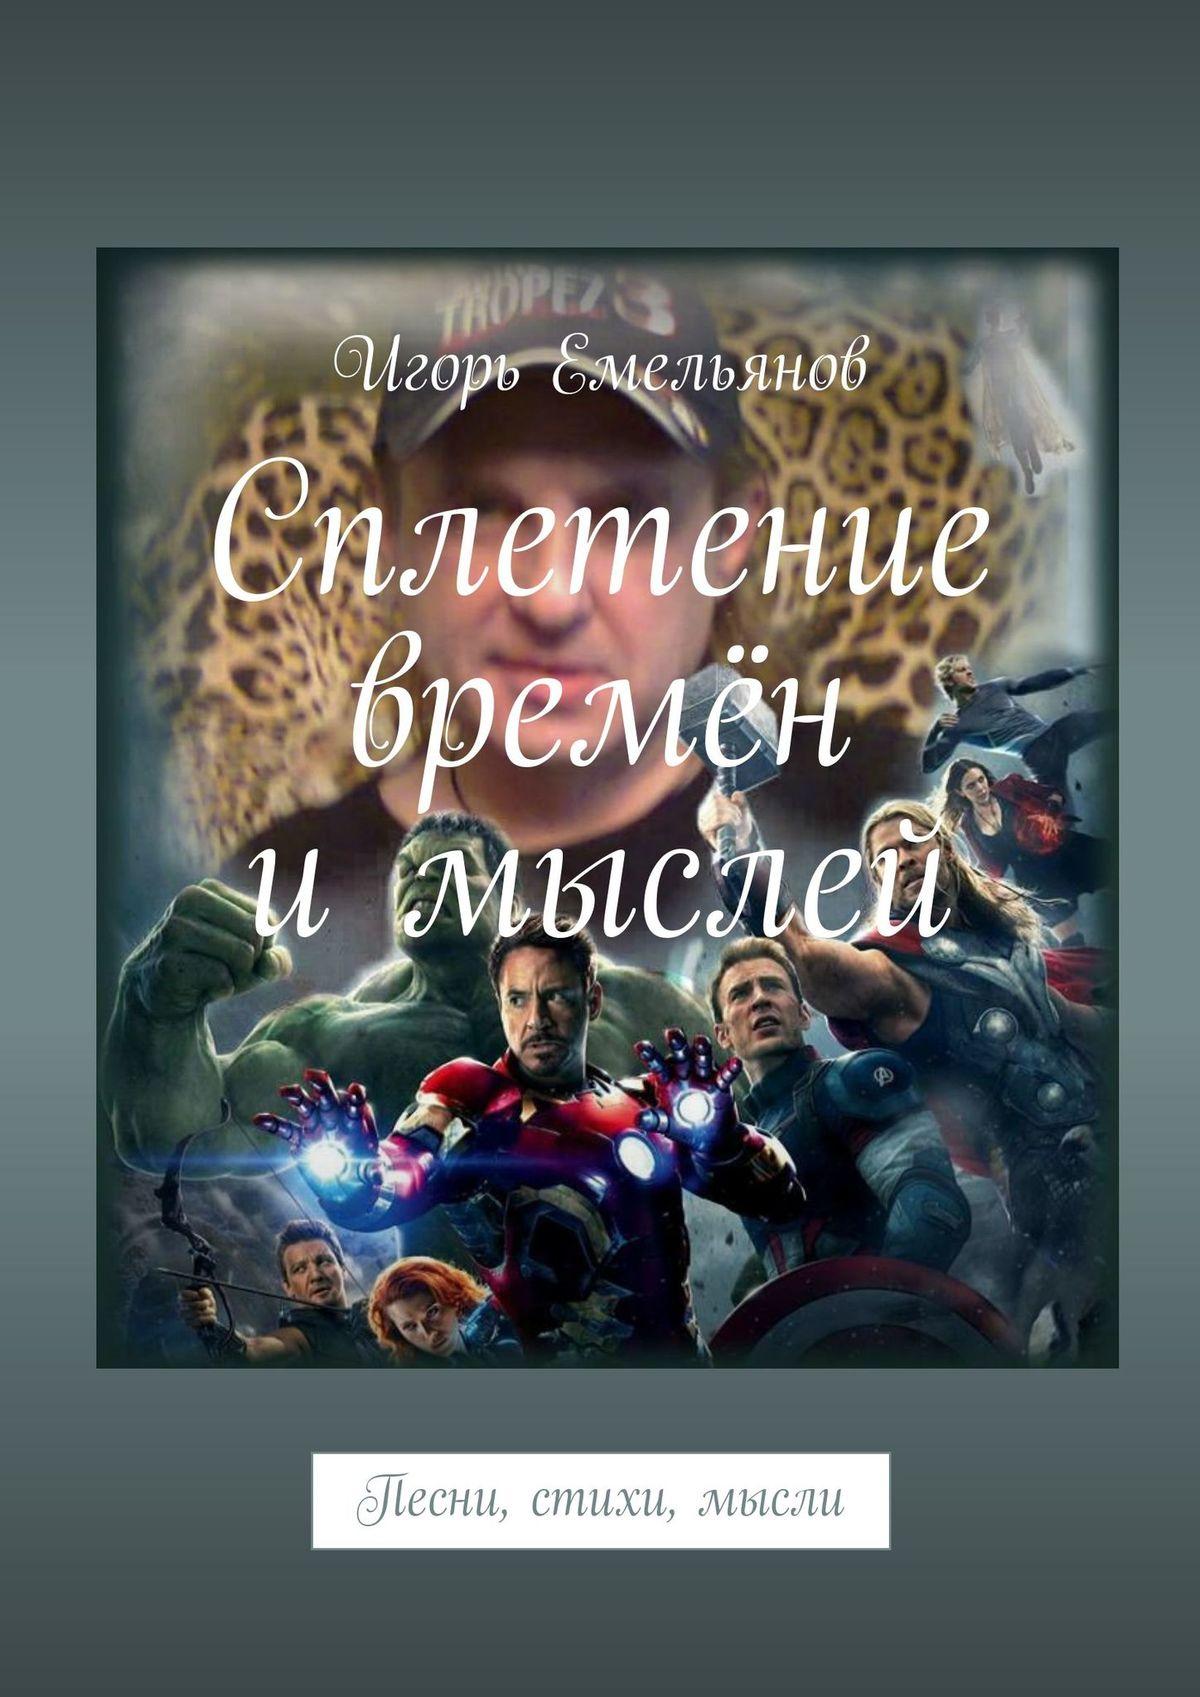 Игорь Емельянов Сплетение времён имыслей. Песни, стихи, мысли